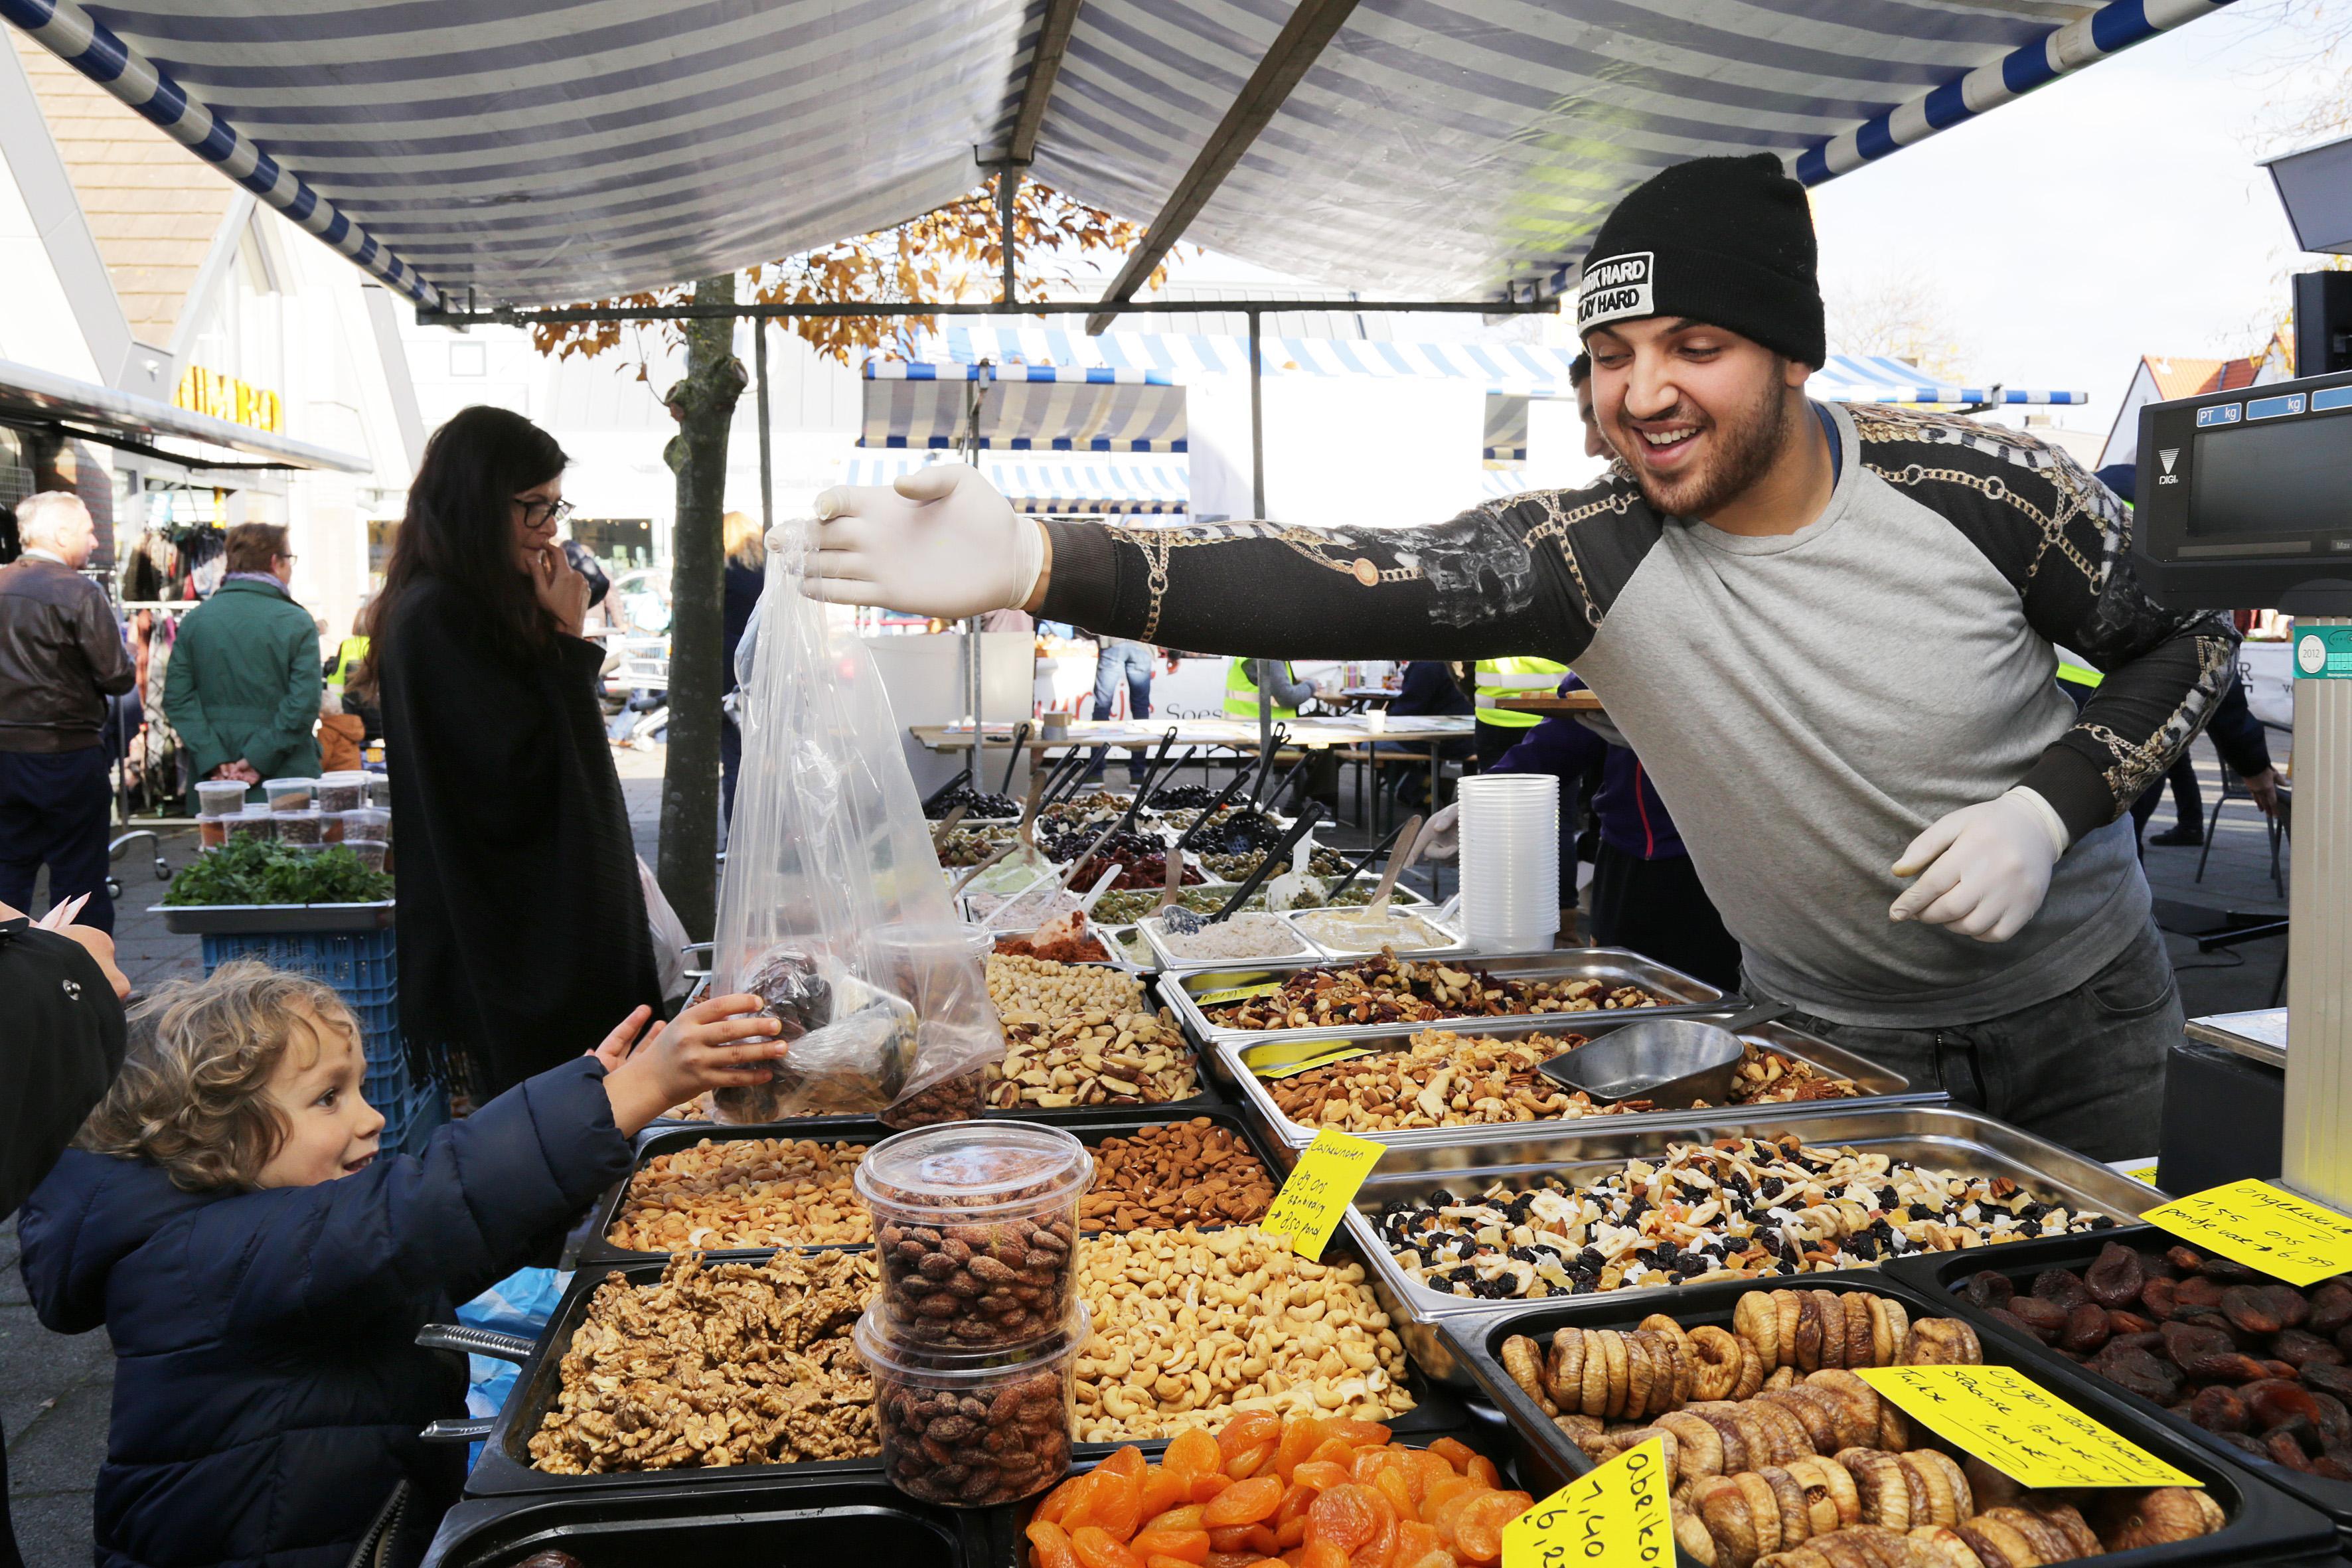 Markten in Eemland ingaande woensdag beperkt: alleen nog etenswaren